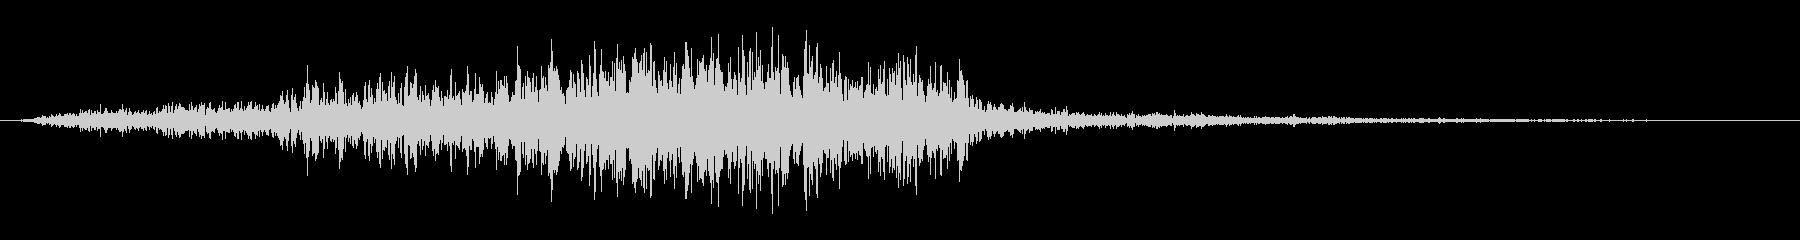 シューッという音EC02_89_4の未再生の波形